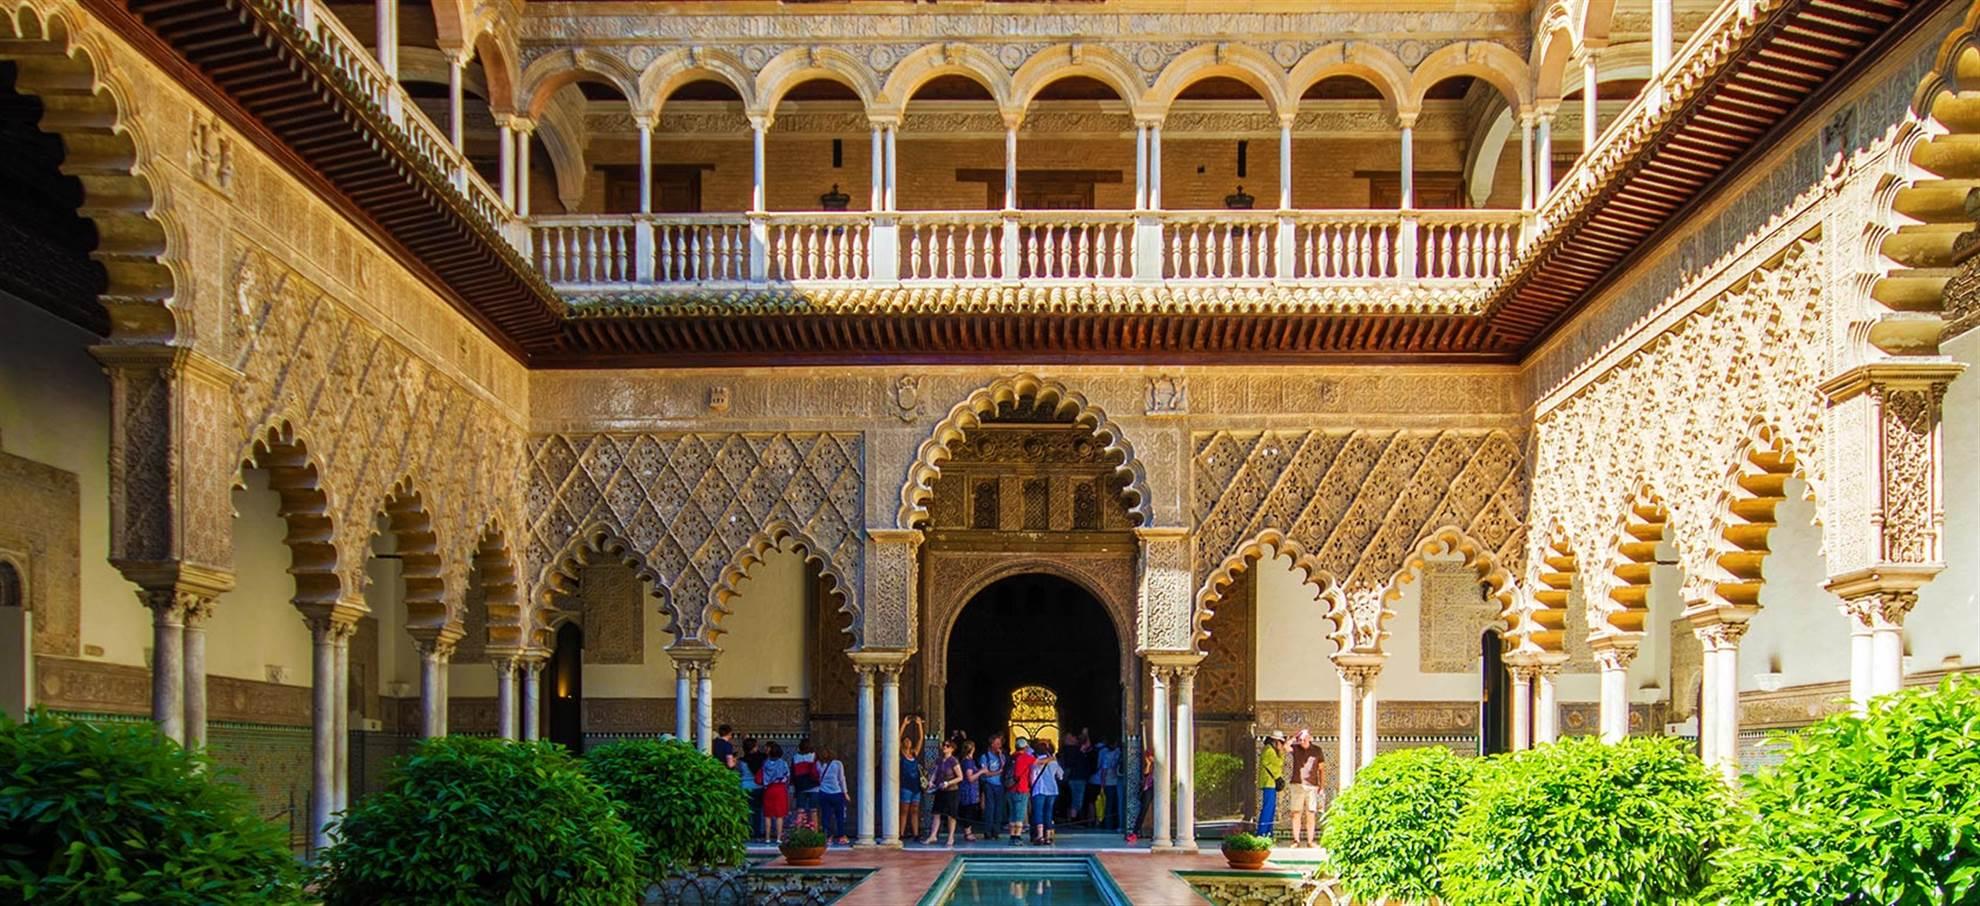 Visite guidée dans L'Alcazar de Séville (Guide français)